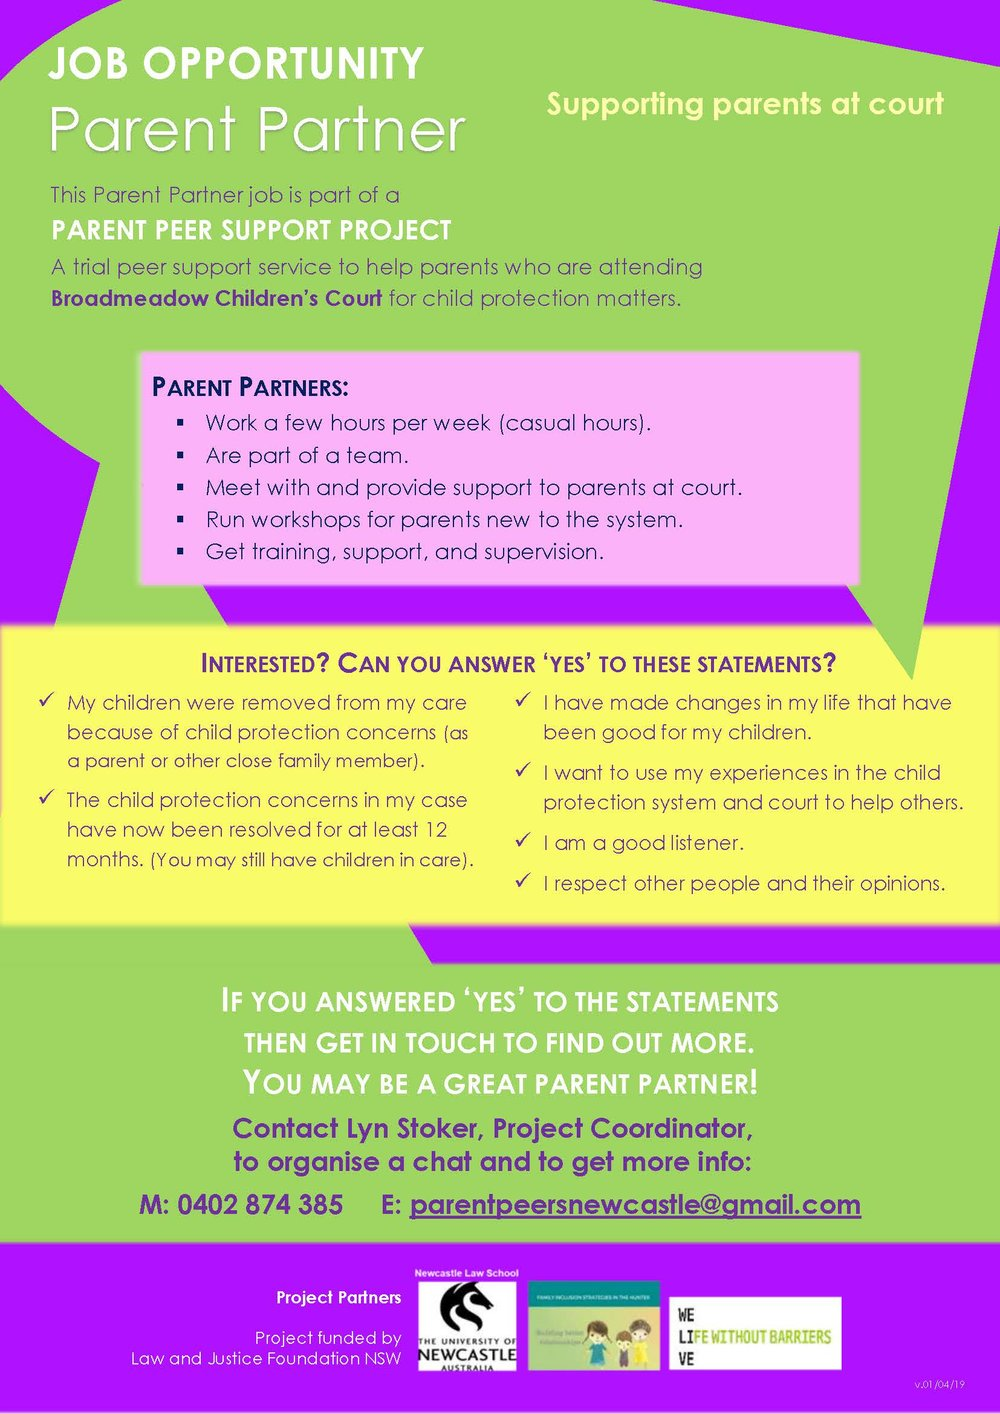 PPSP_parent partner recruitment_flyer_v010419 (002).jpg